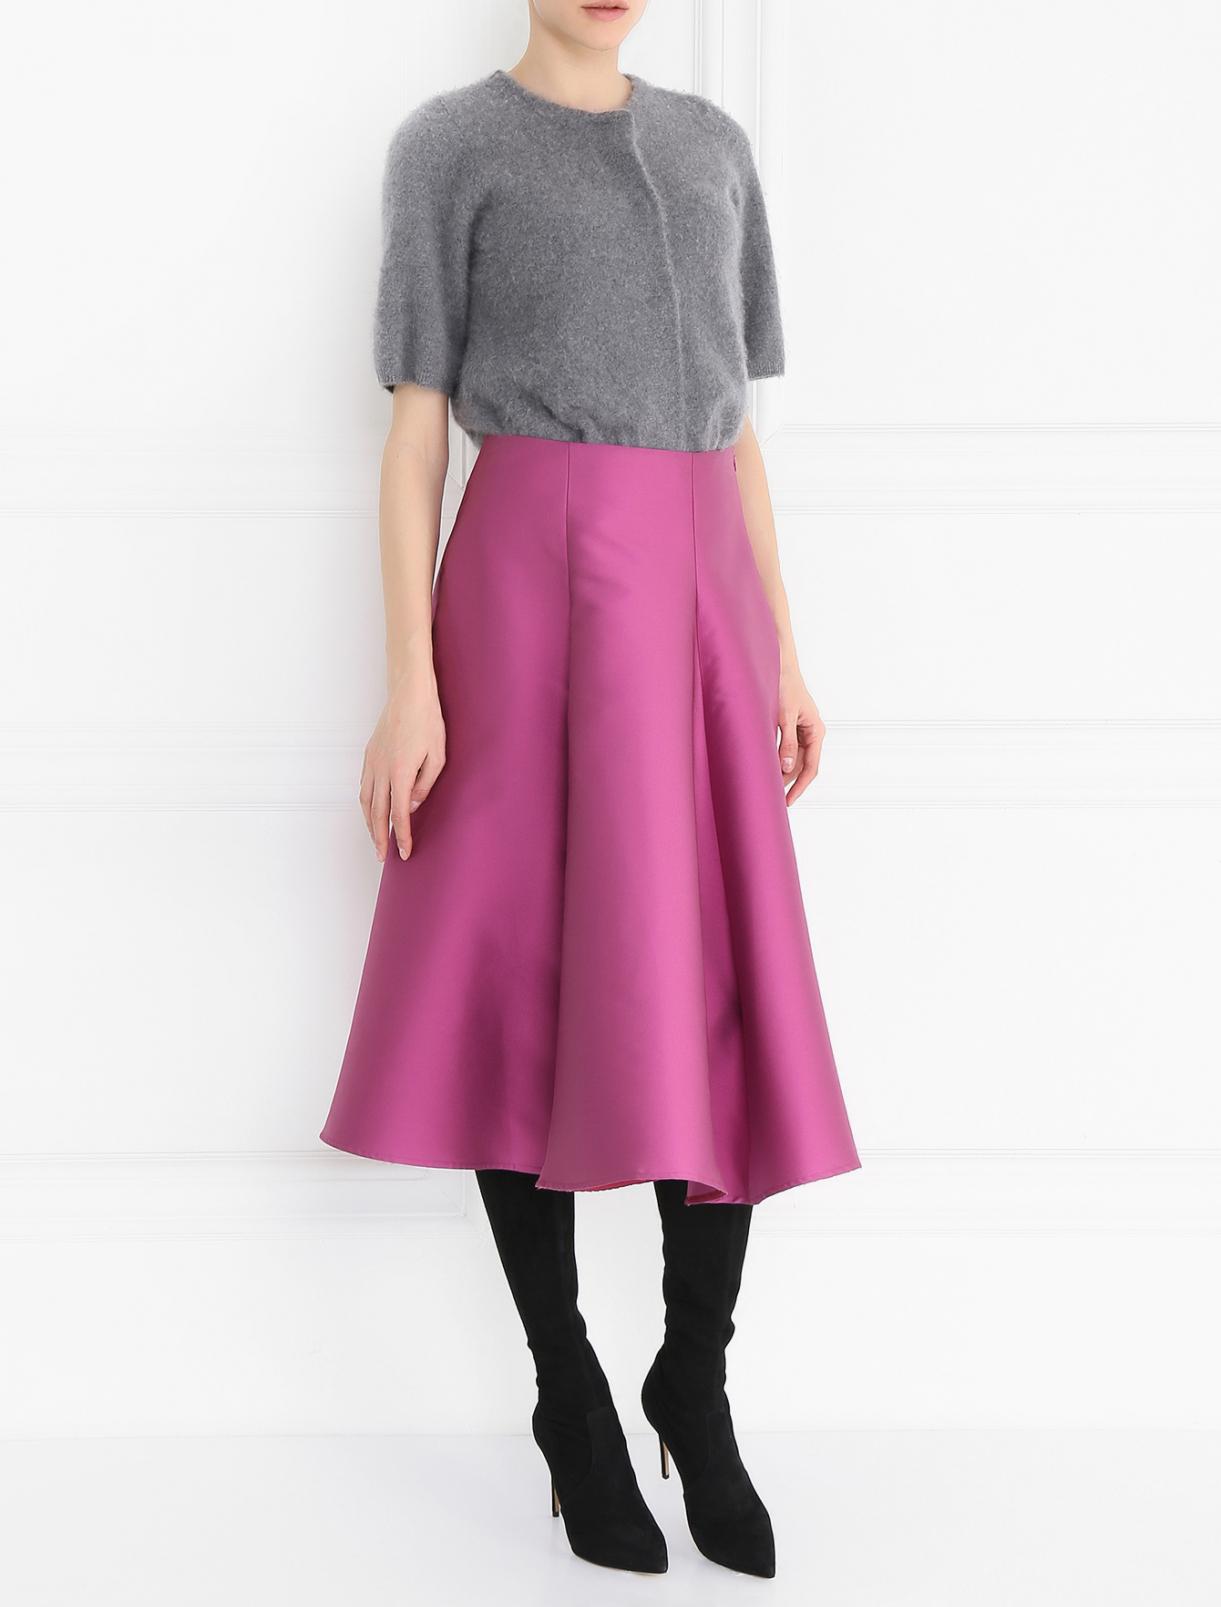 Юбка - миди широкого кроя Tara Jarmon  –  Модель Общий вид  – Цвет:  Фиолетовый